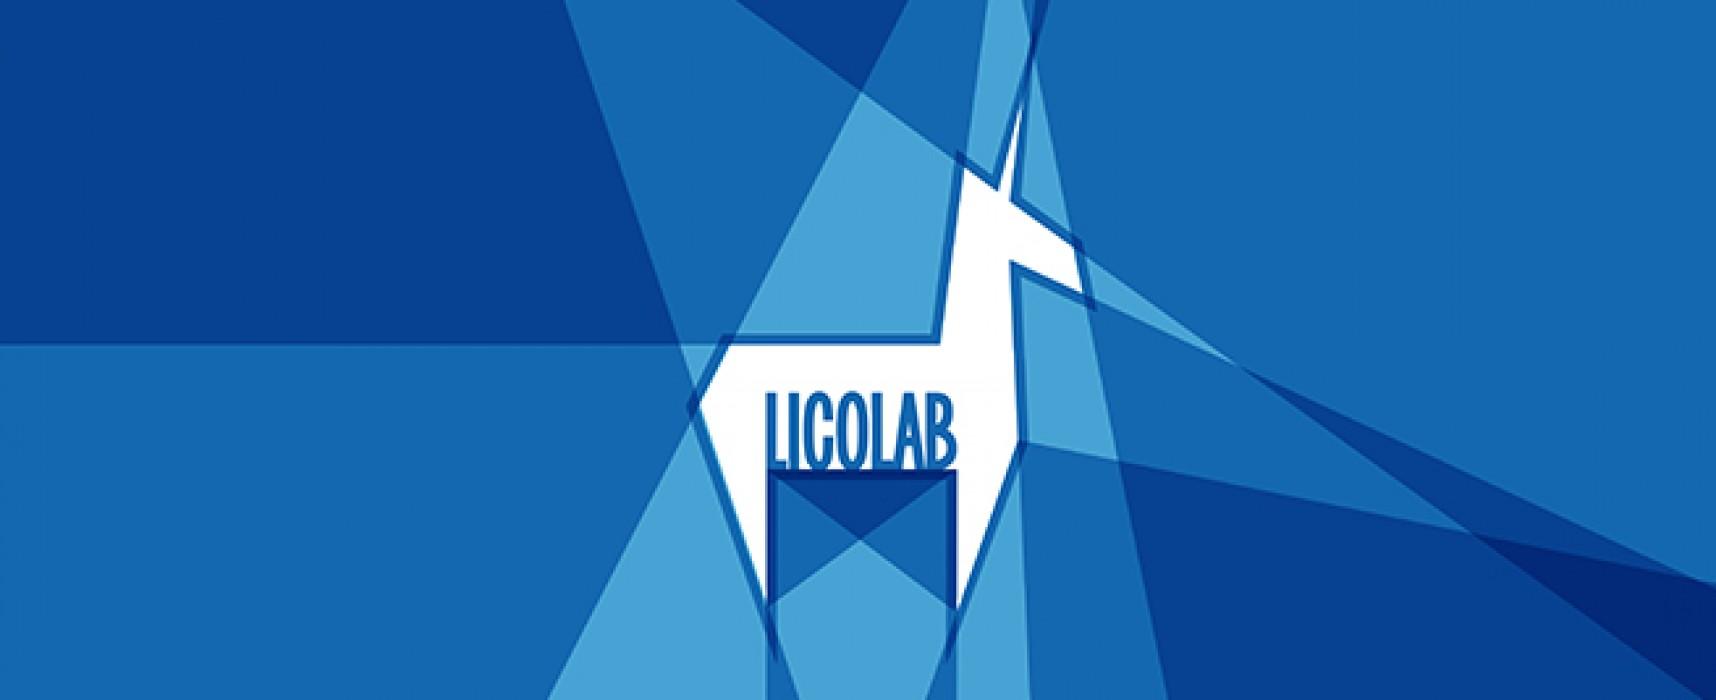 Le Licolab a besoin de vous !